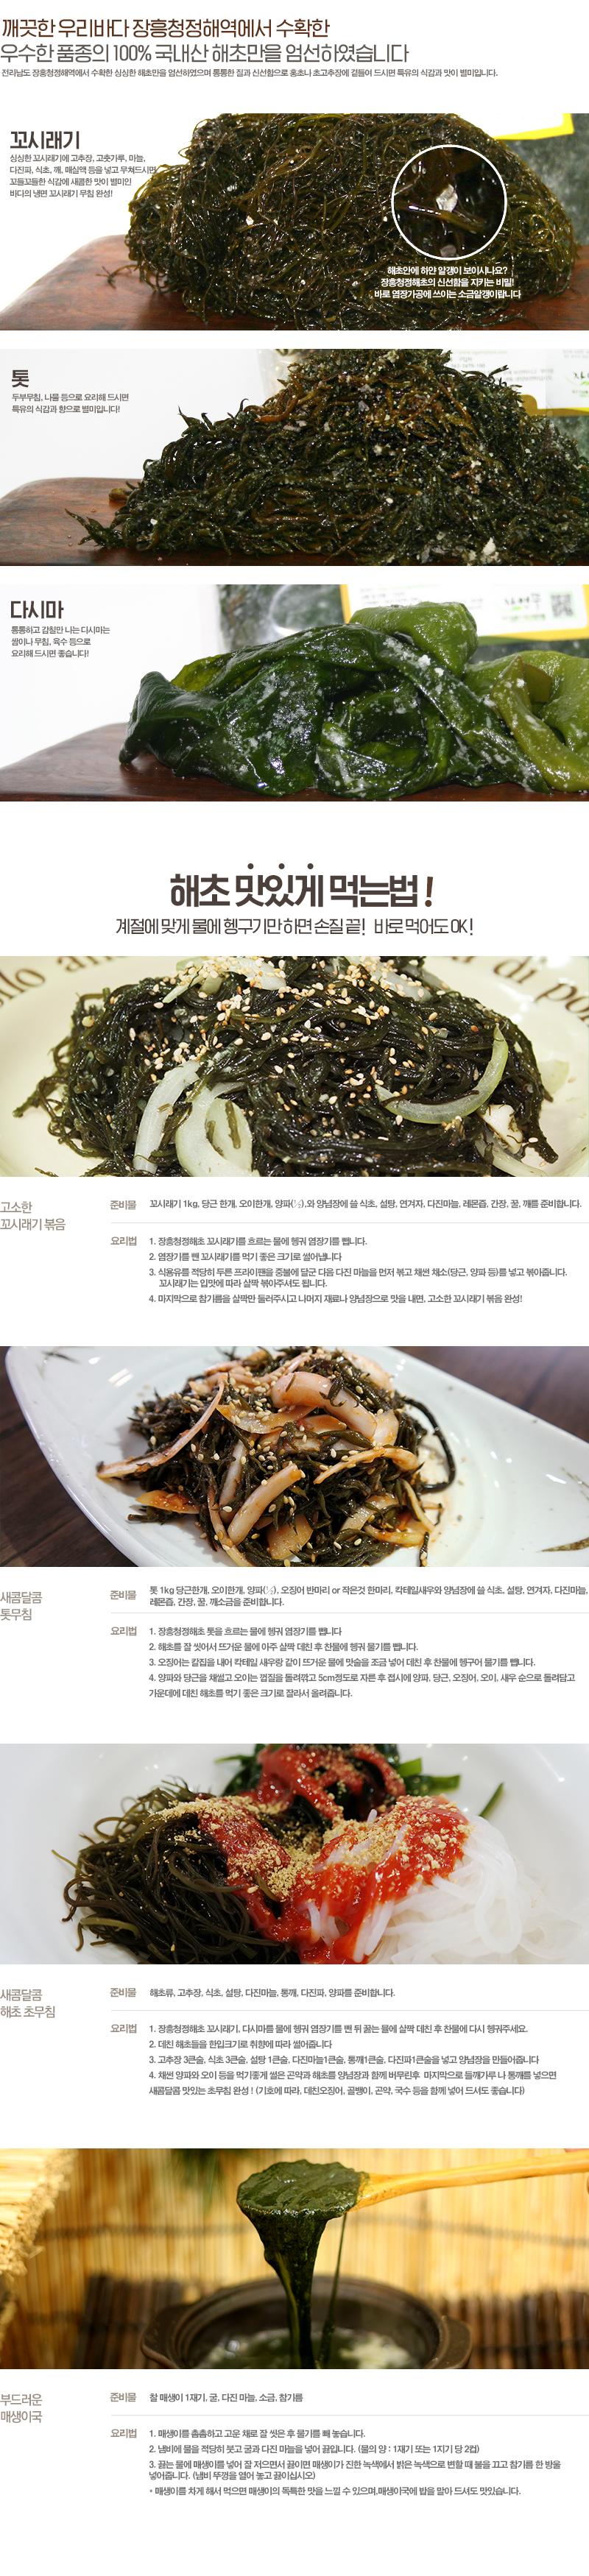 [장흥청정해초] 염장 다시마 10kg